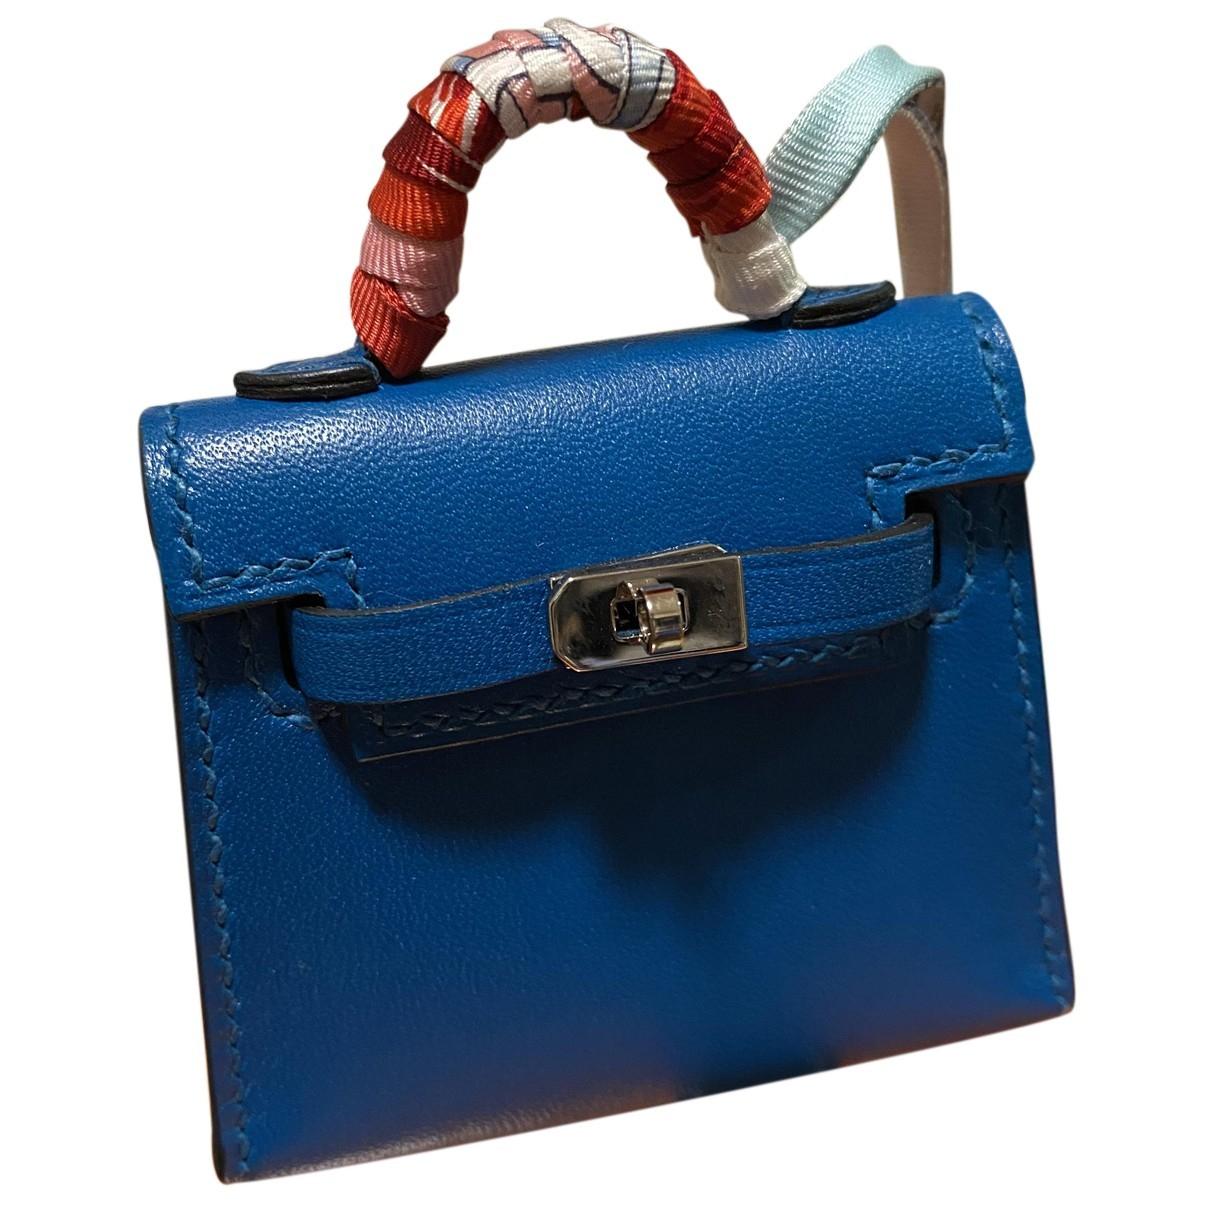 Hermes Kelly twilly charm Taschenschmuck in  Blau Leder